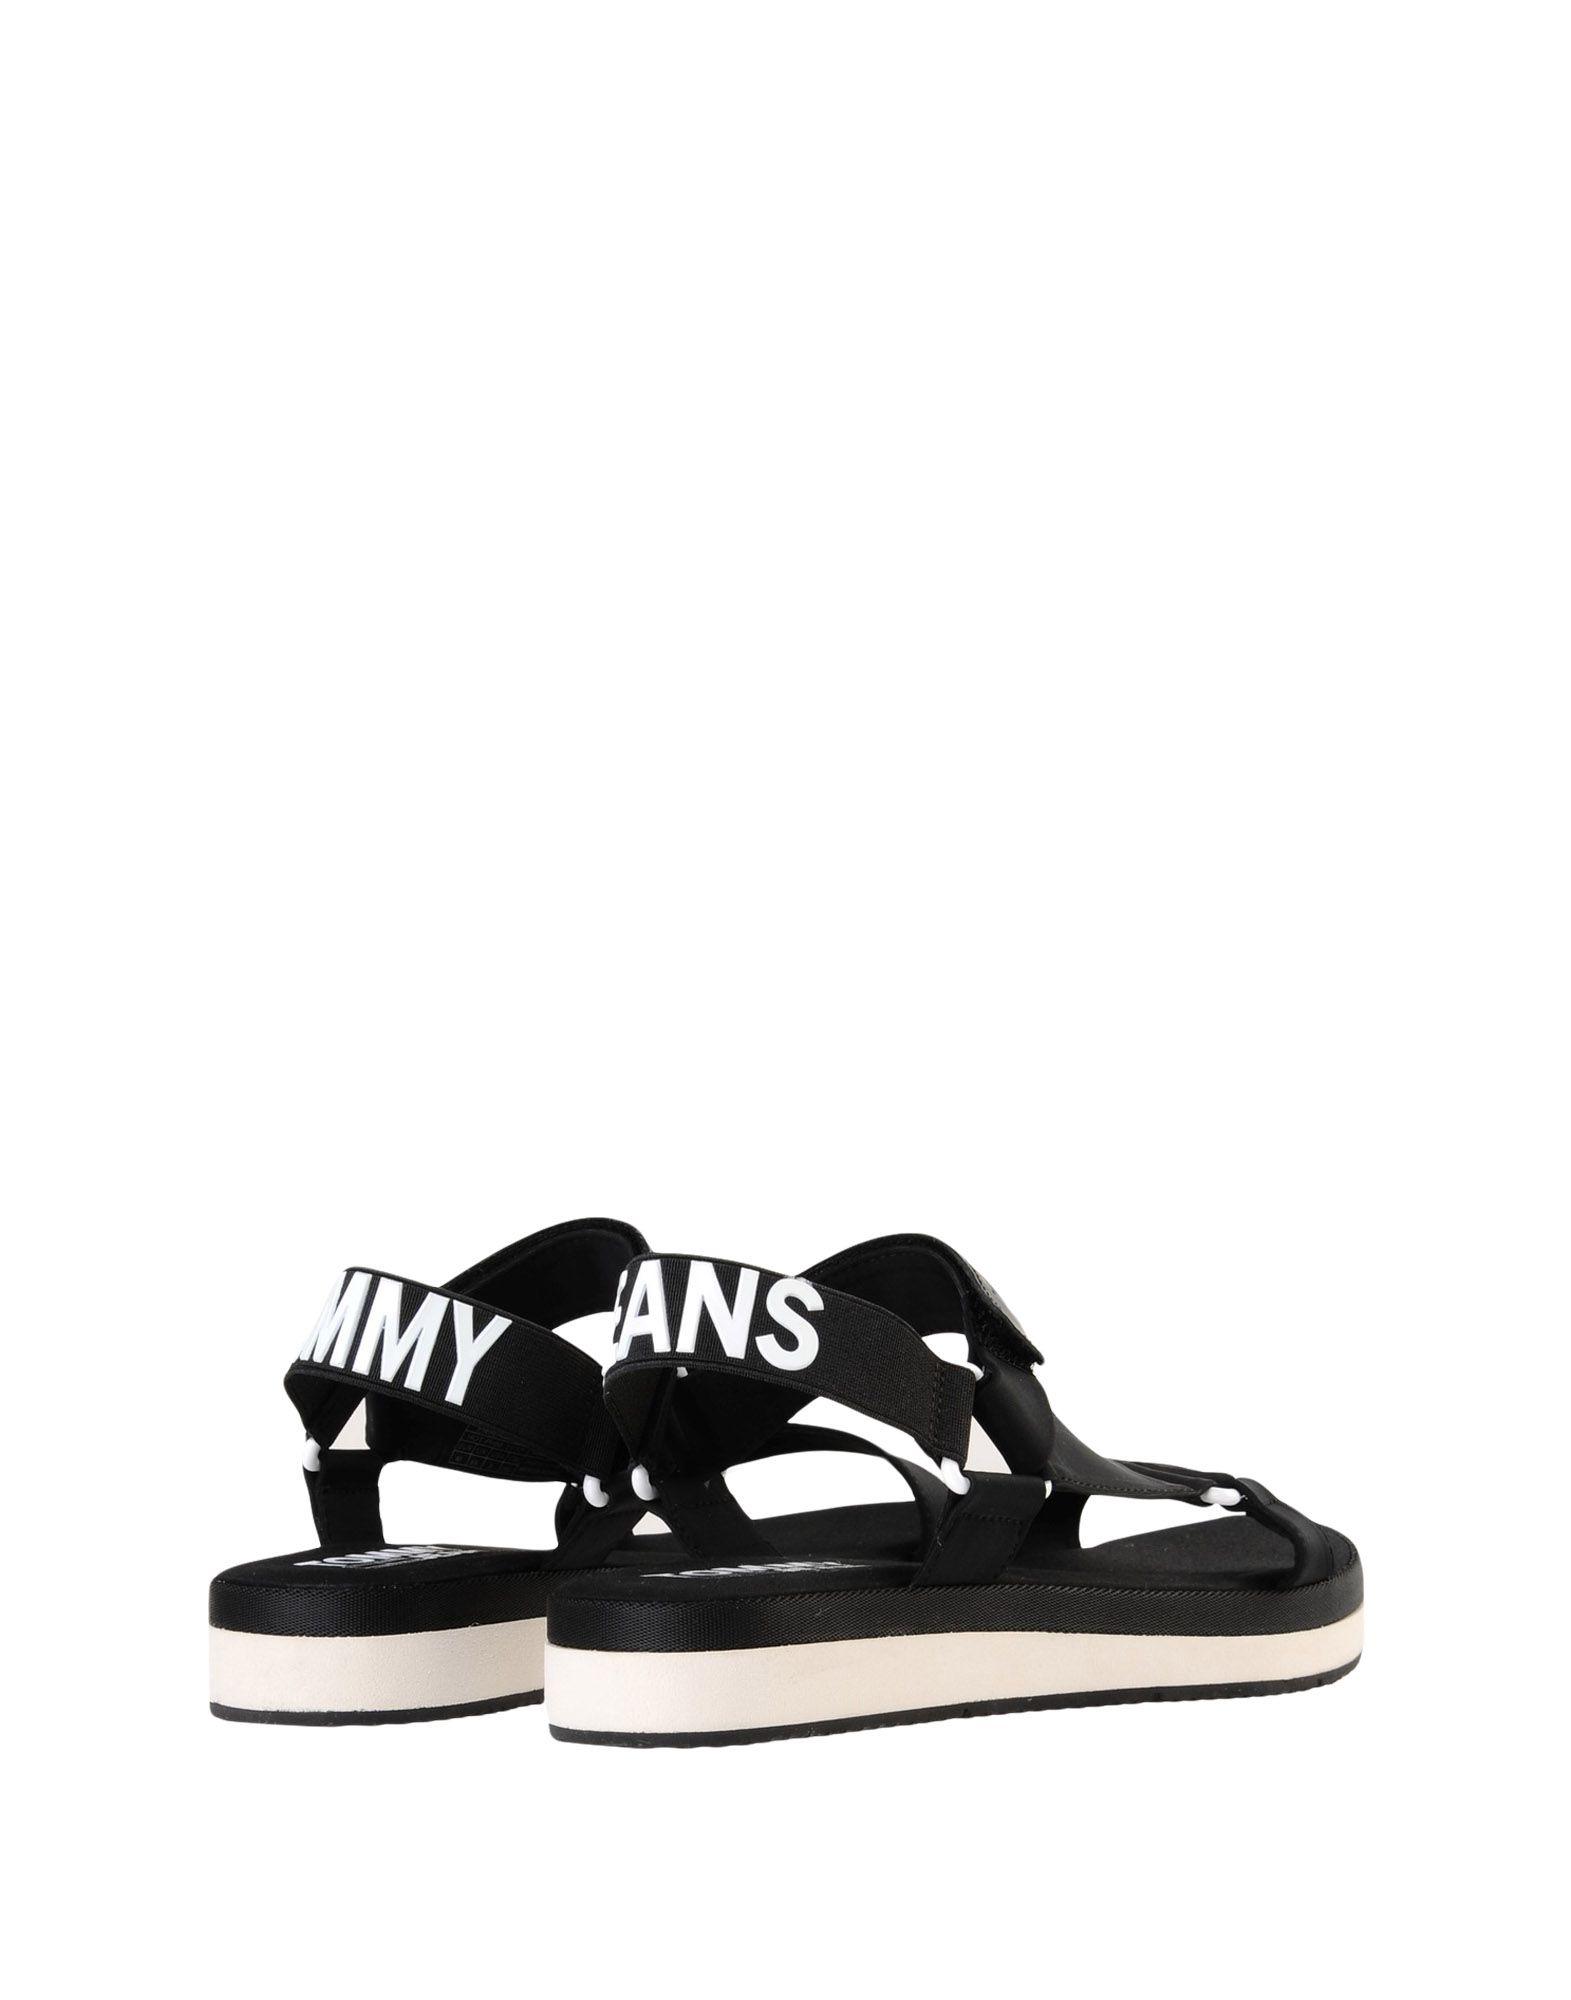 Sandales Tommy Jeans Fresh Modern Sandal - Femme - Sandales Tommy Jeans sur